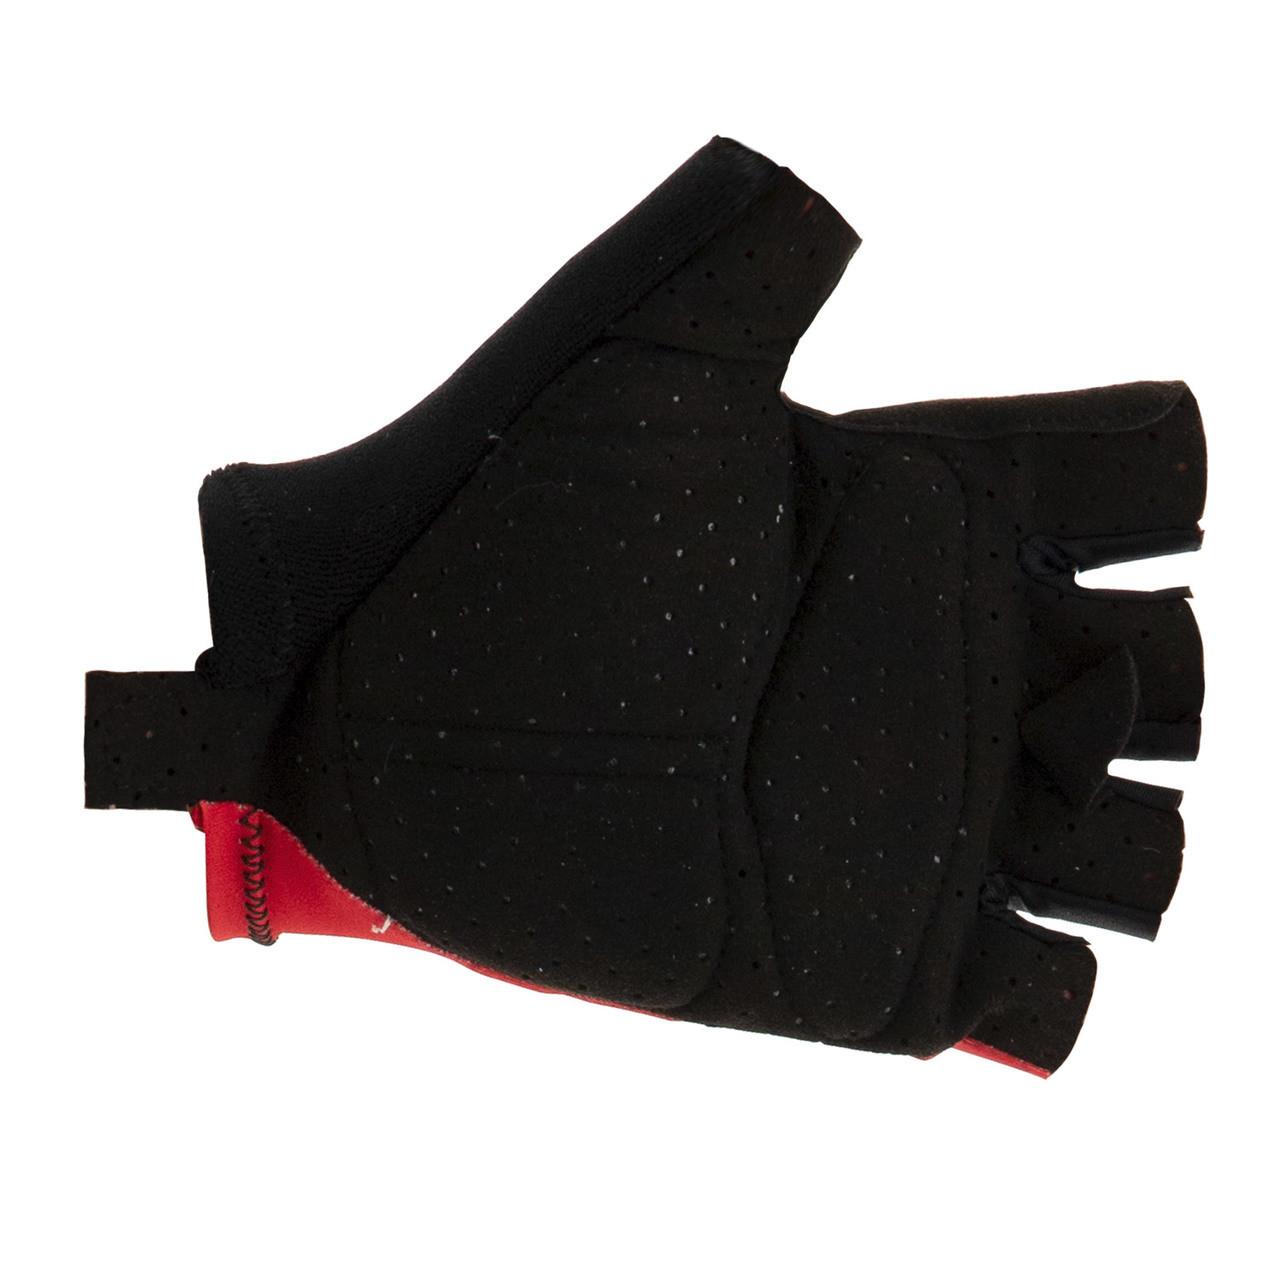 2019 Ducati Corse Gloves Rear